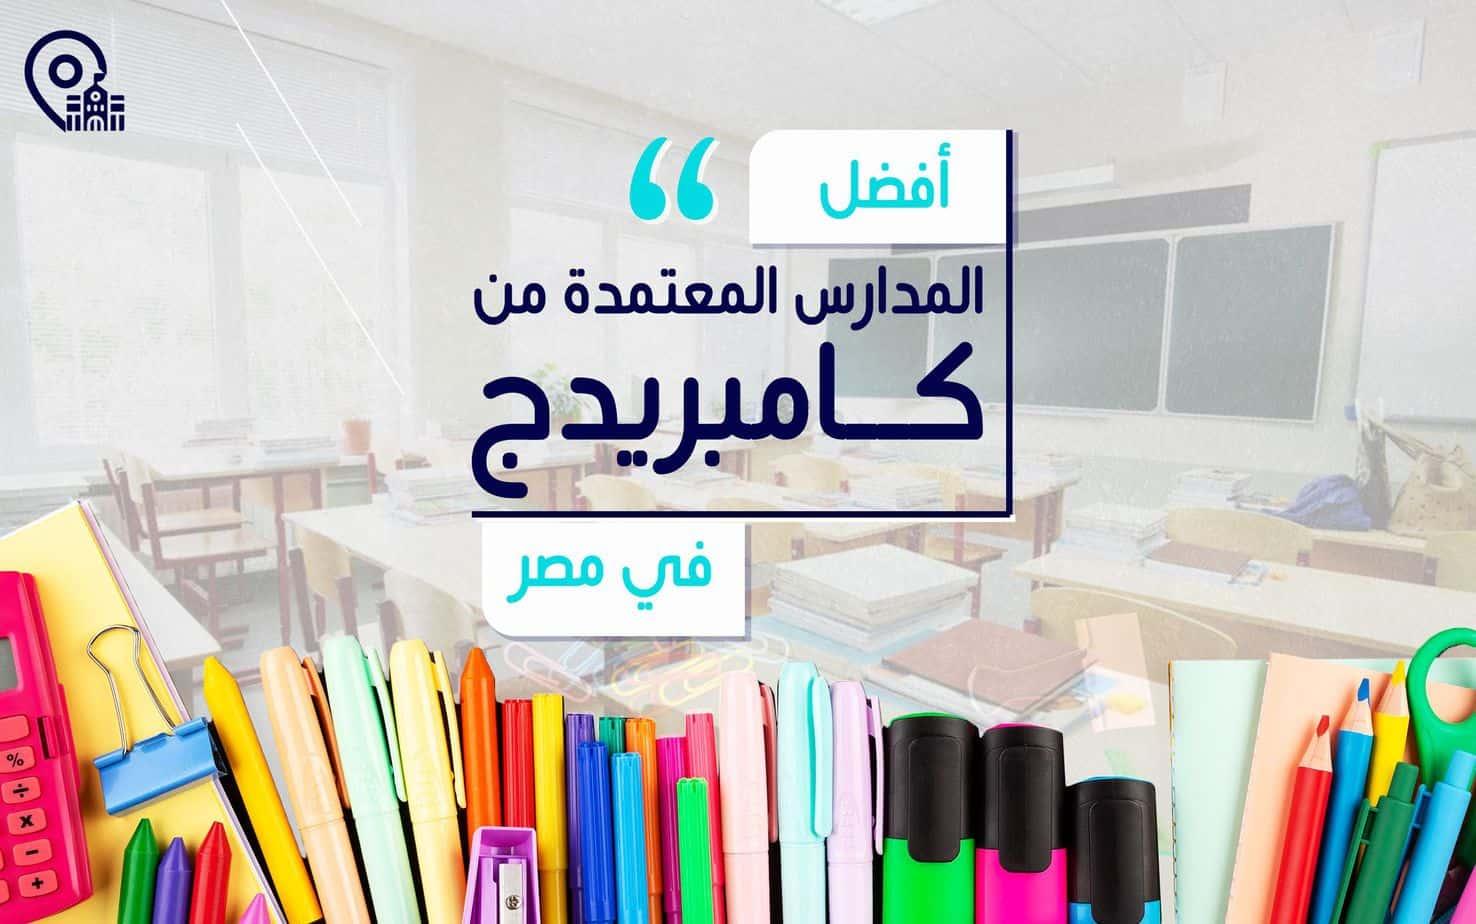 أفضل المدارس المعتمدة من كامبريدج في مصر